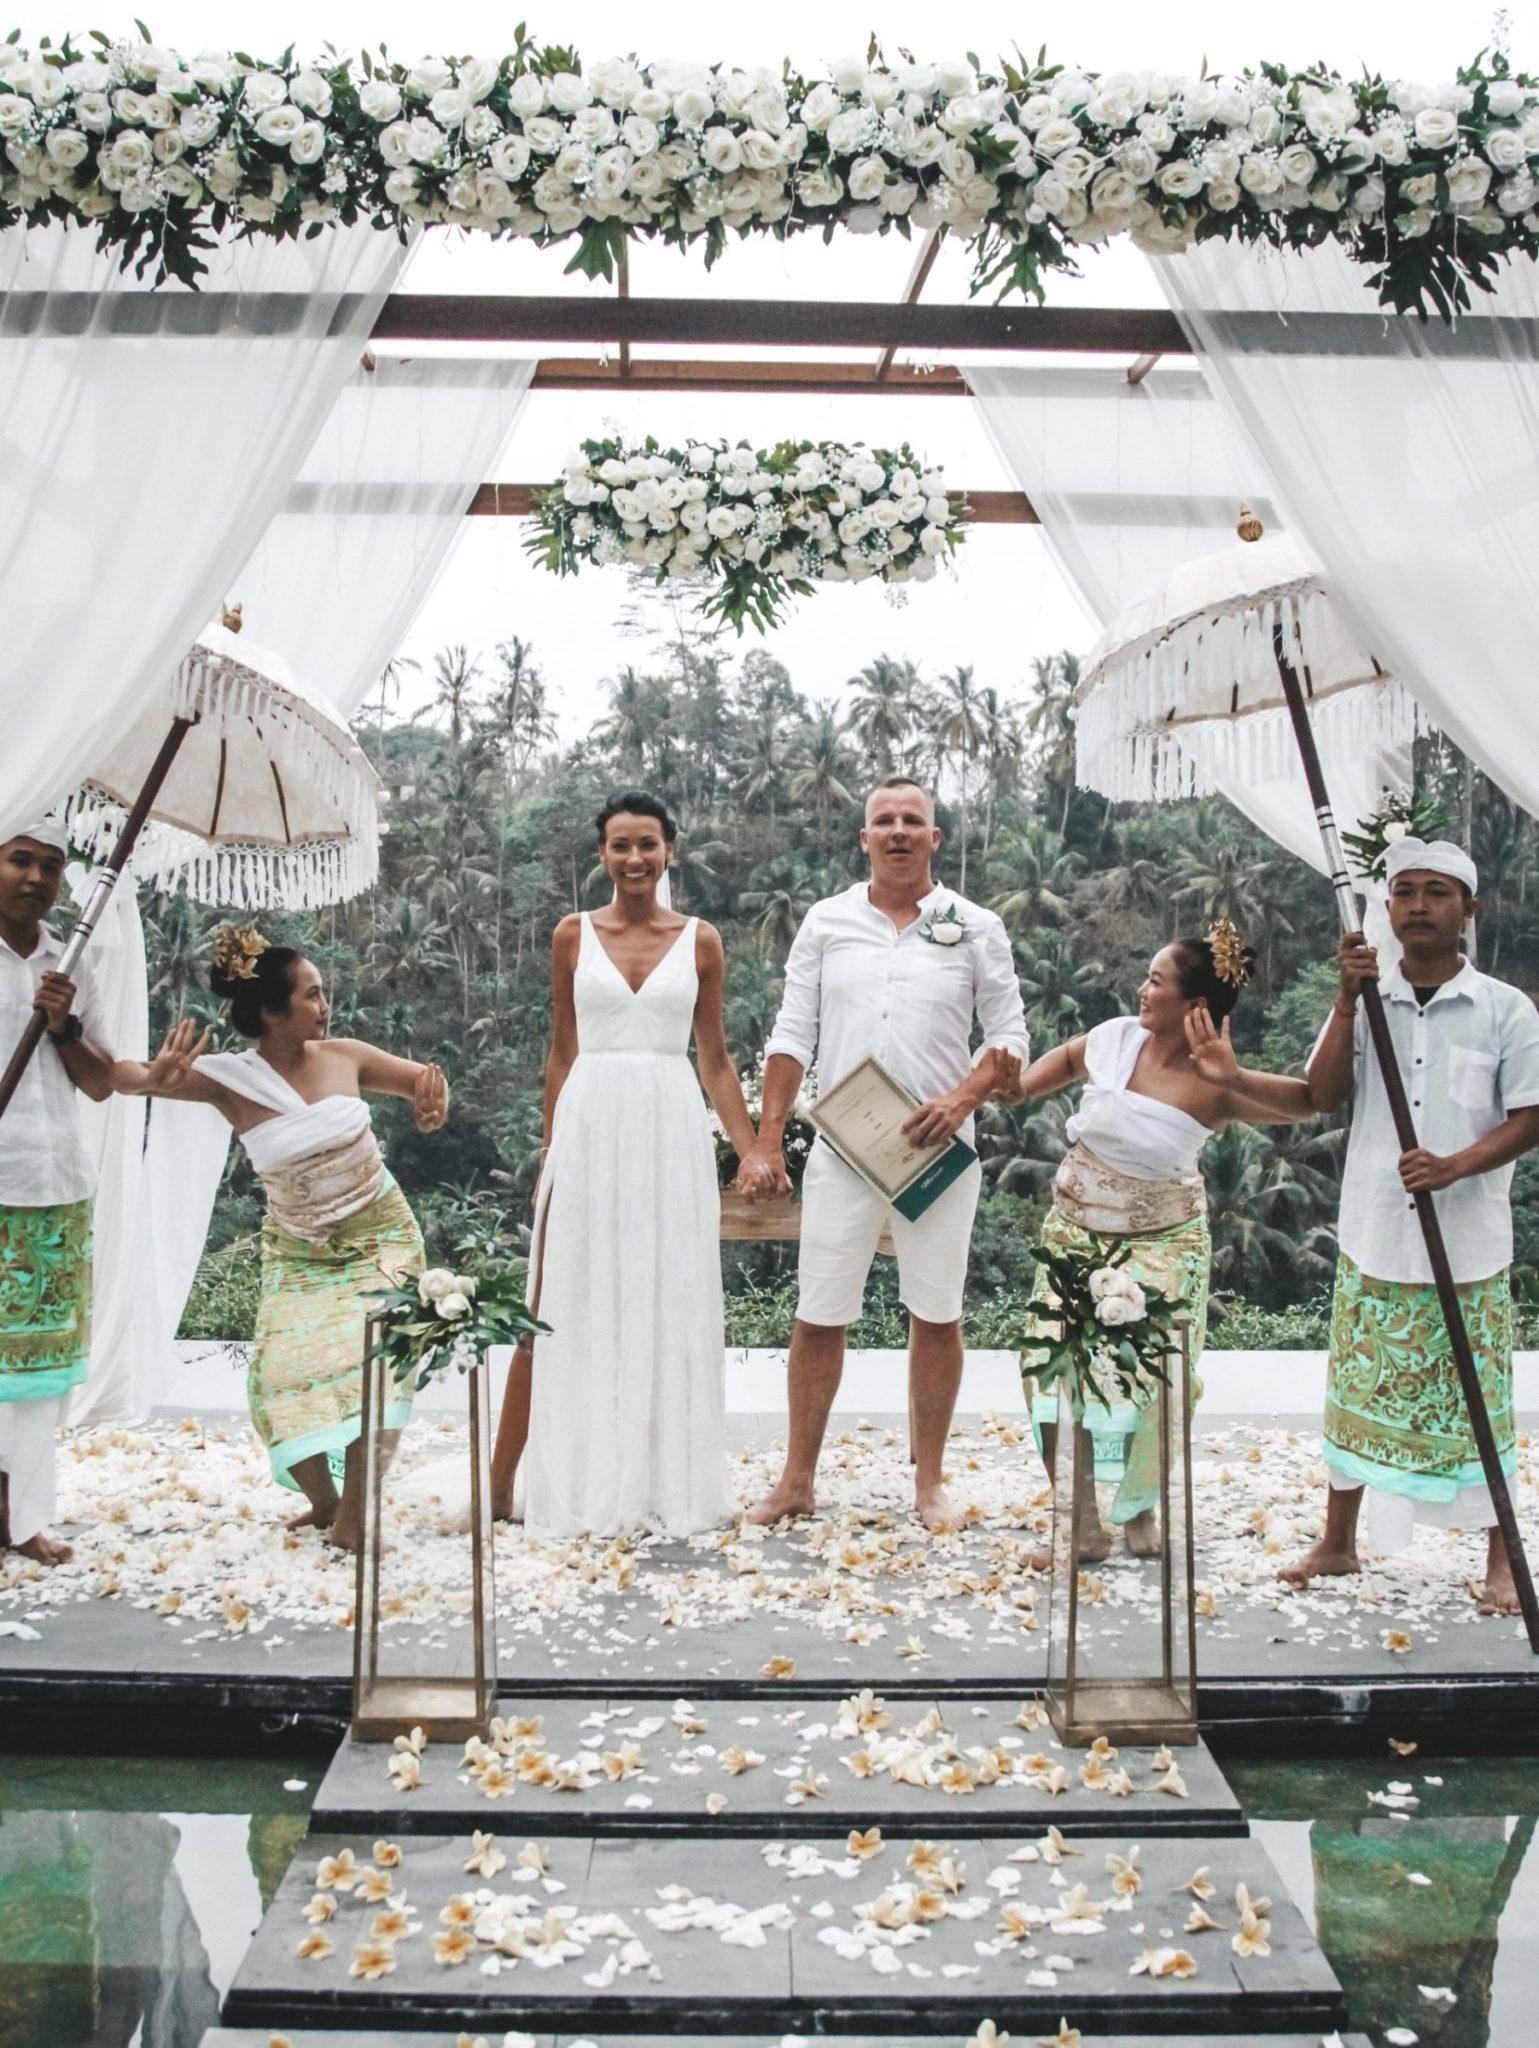 Amelii brides speak Arita